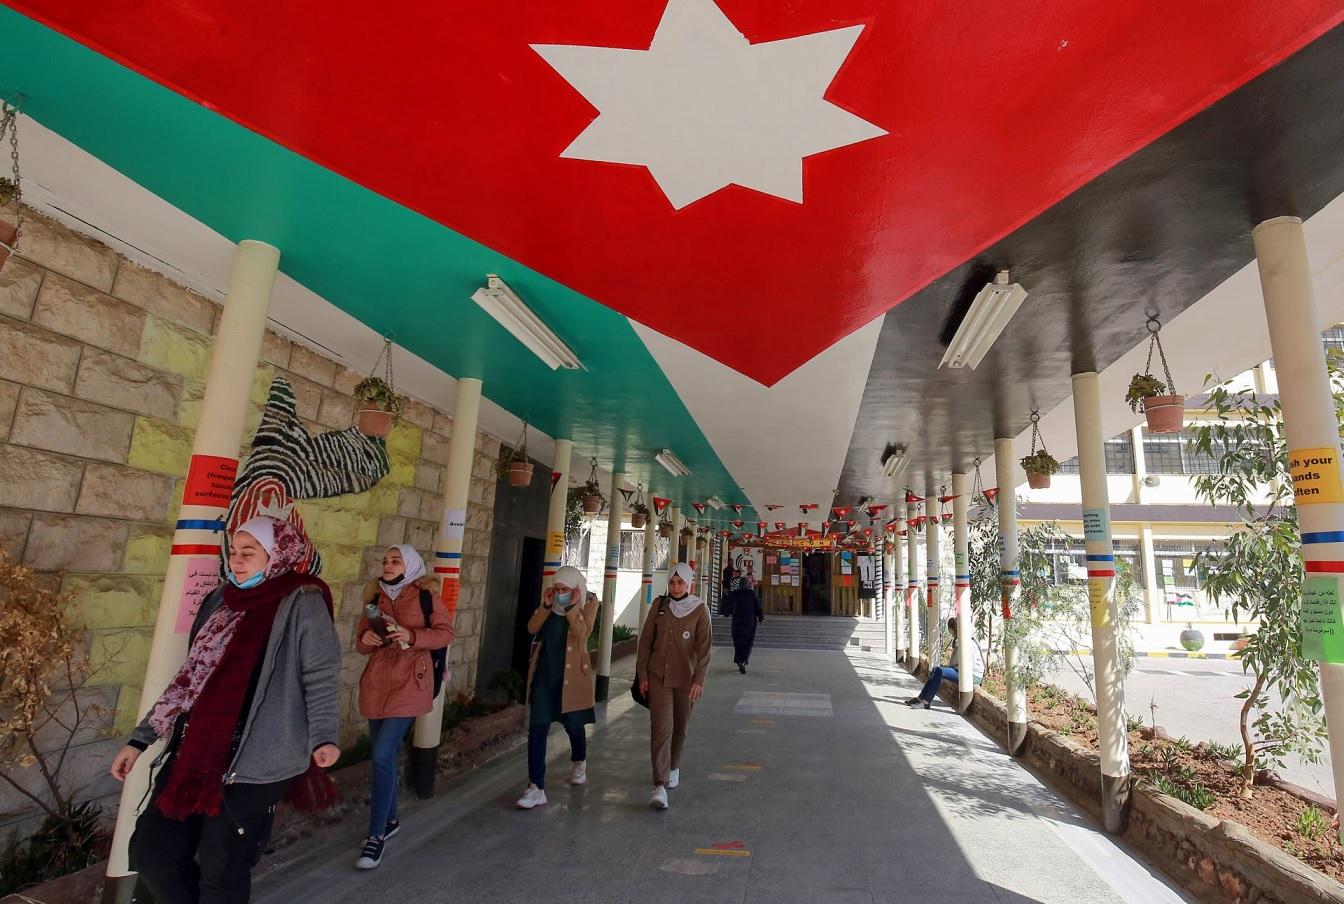 Jordan decides to cancel all forms of ban, open sectors and return schools